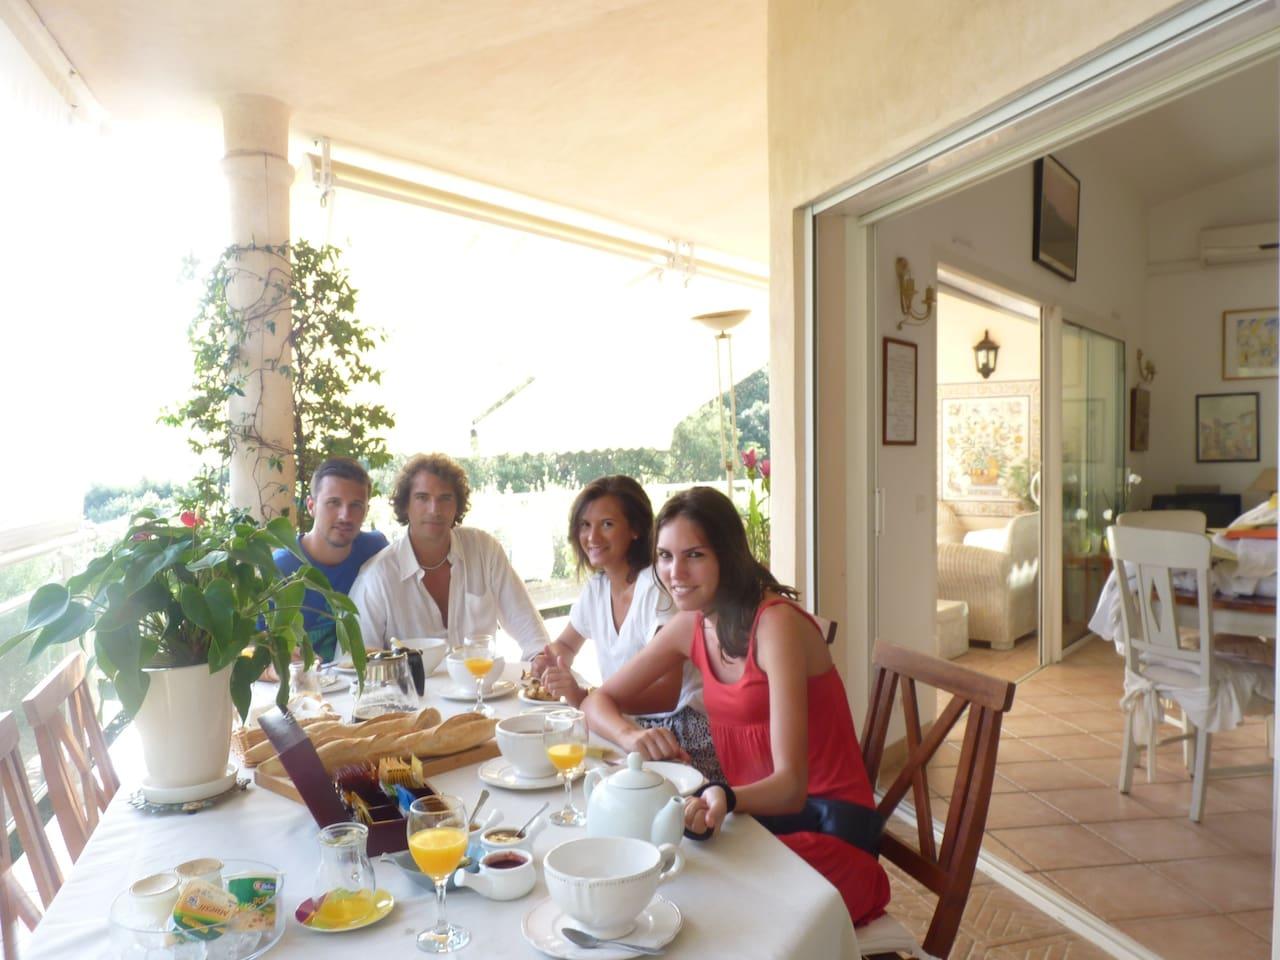 Petit déjeuner servi dans la terrasse ou dans la salle à manger